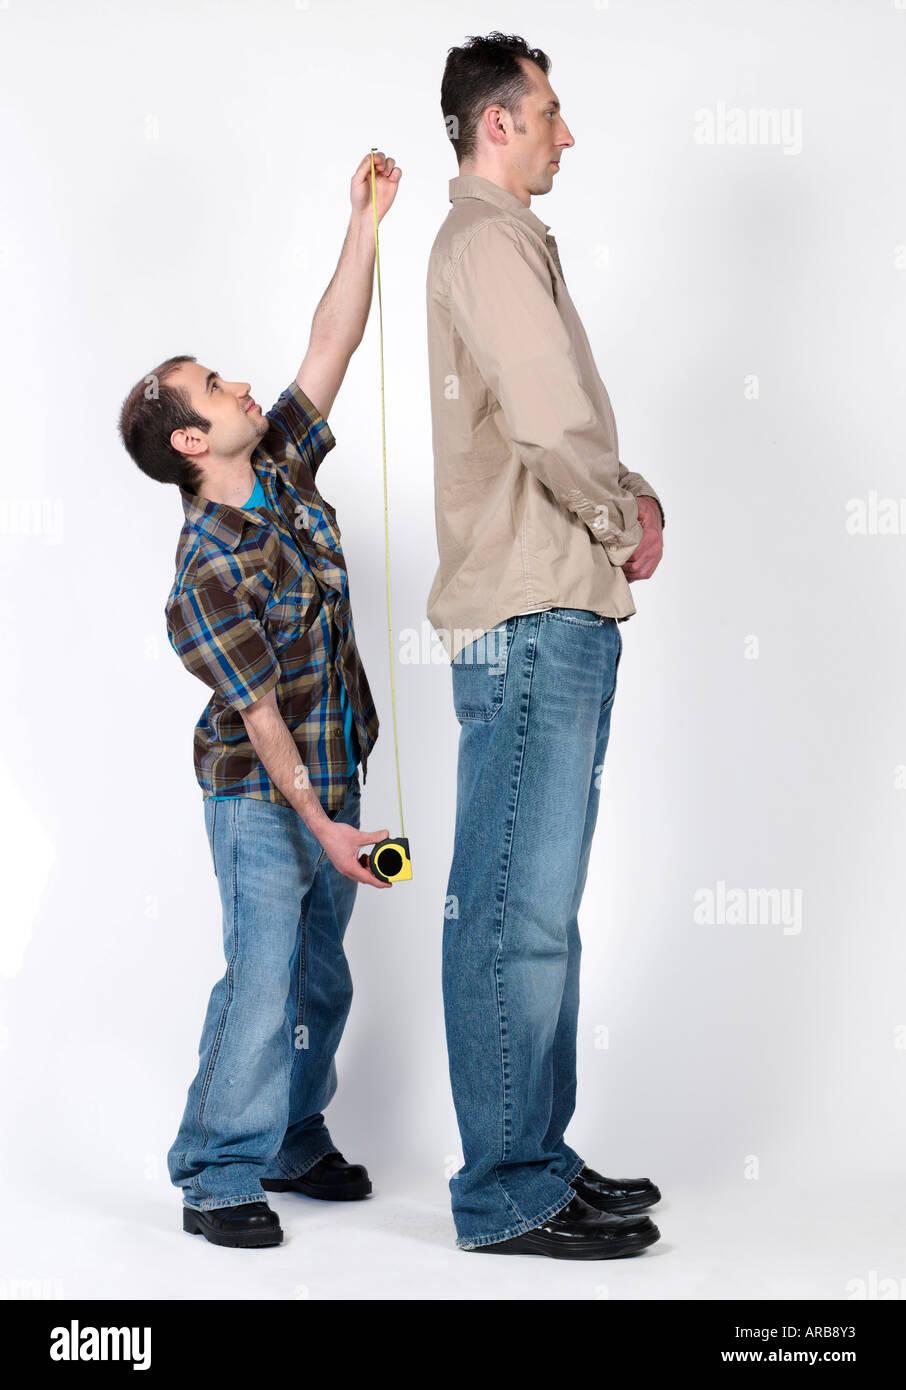 Short men tall men vs Tall vs